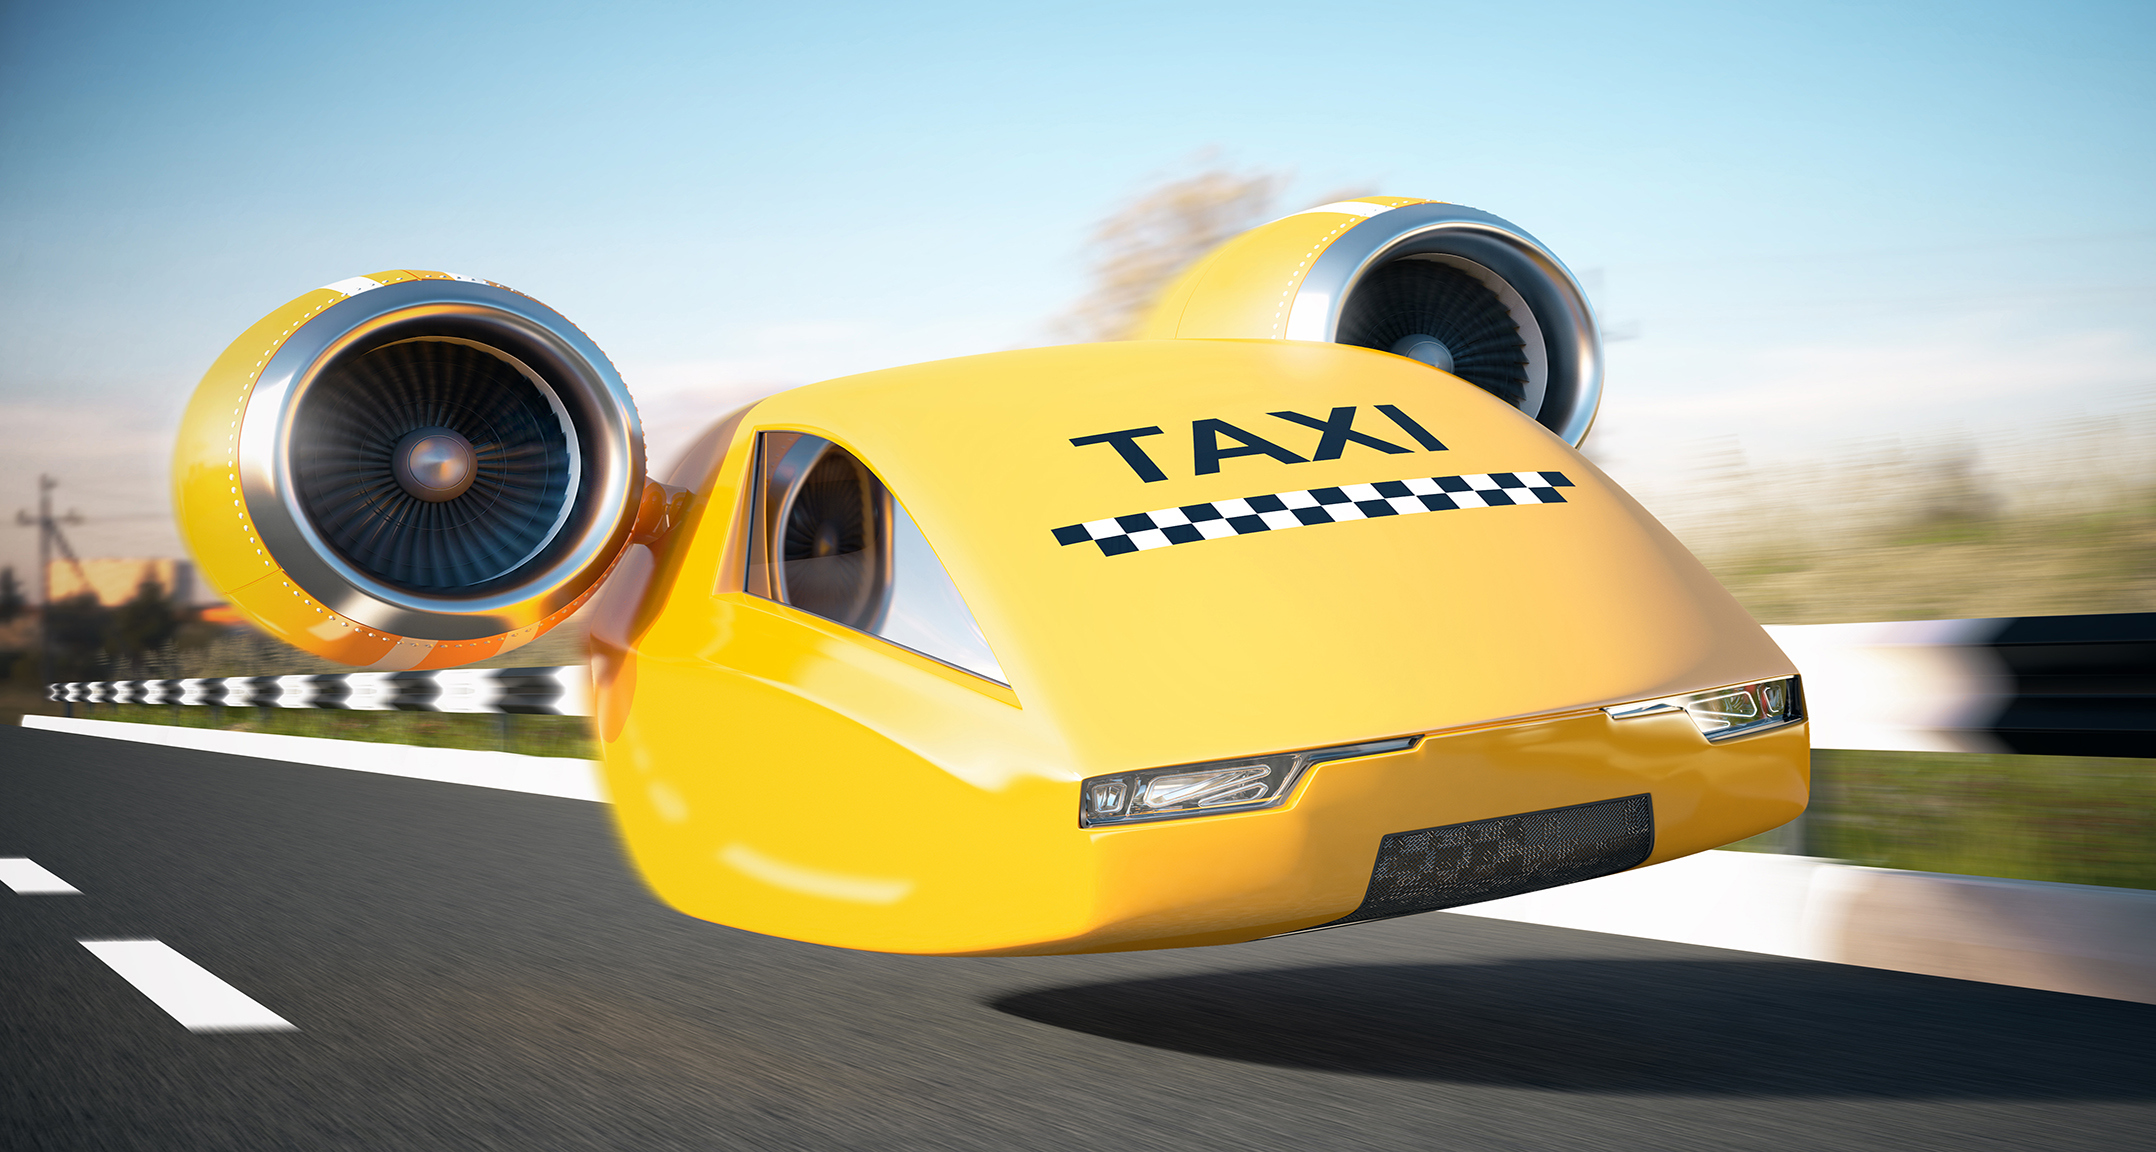 """Летающие такси вместо """"Ланосов"""" и """"Жигули"""": реальность или фантастика?"""